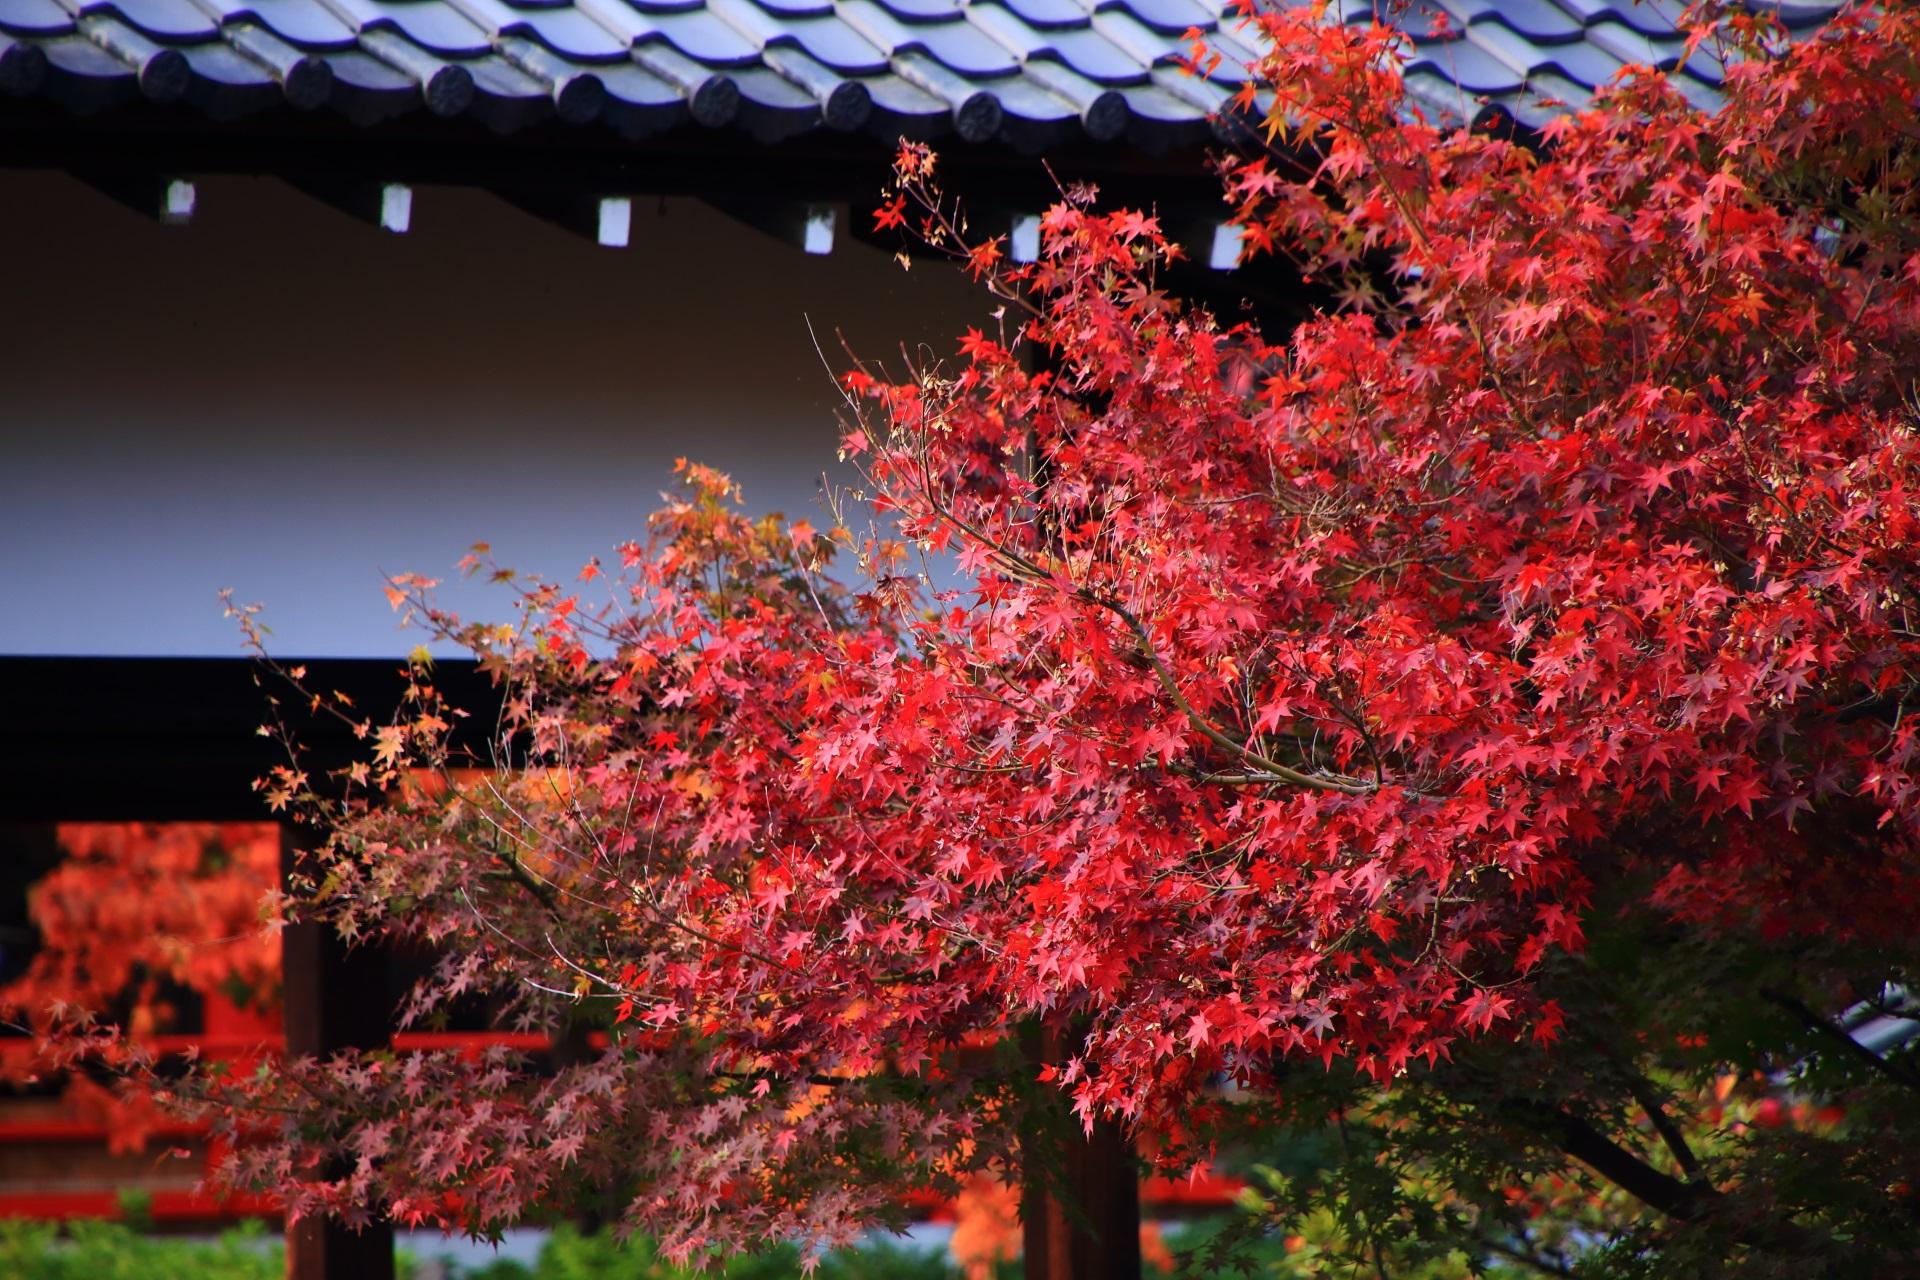 京都洛中の紅葉の隠れた名所の神泉苑